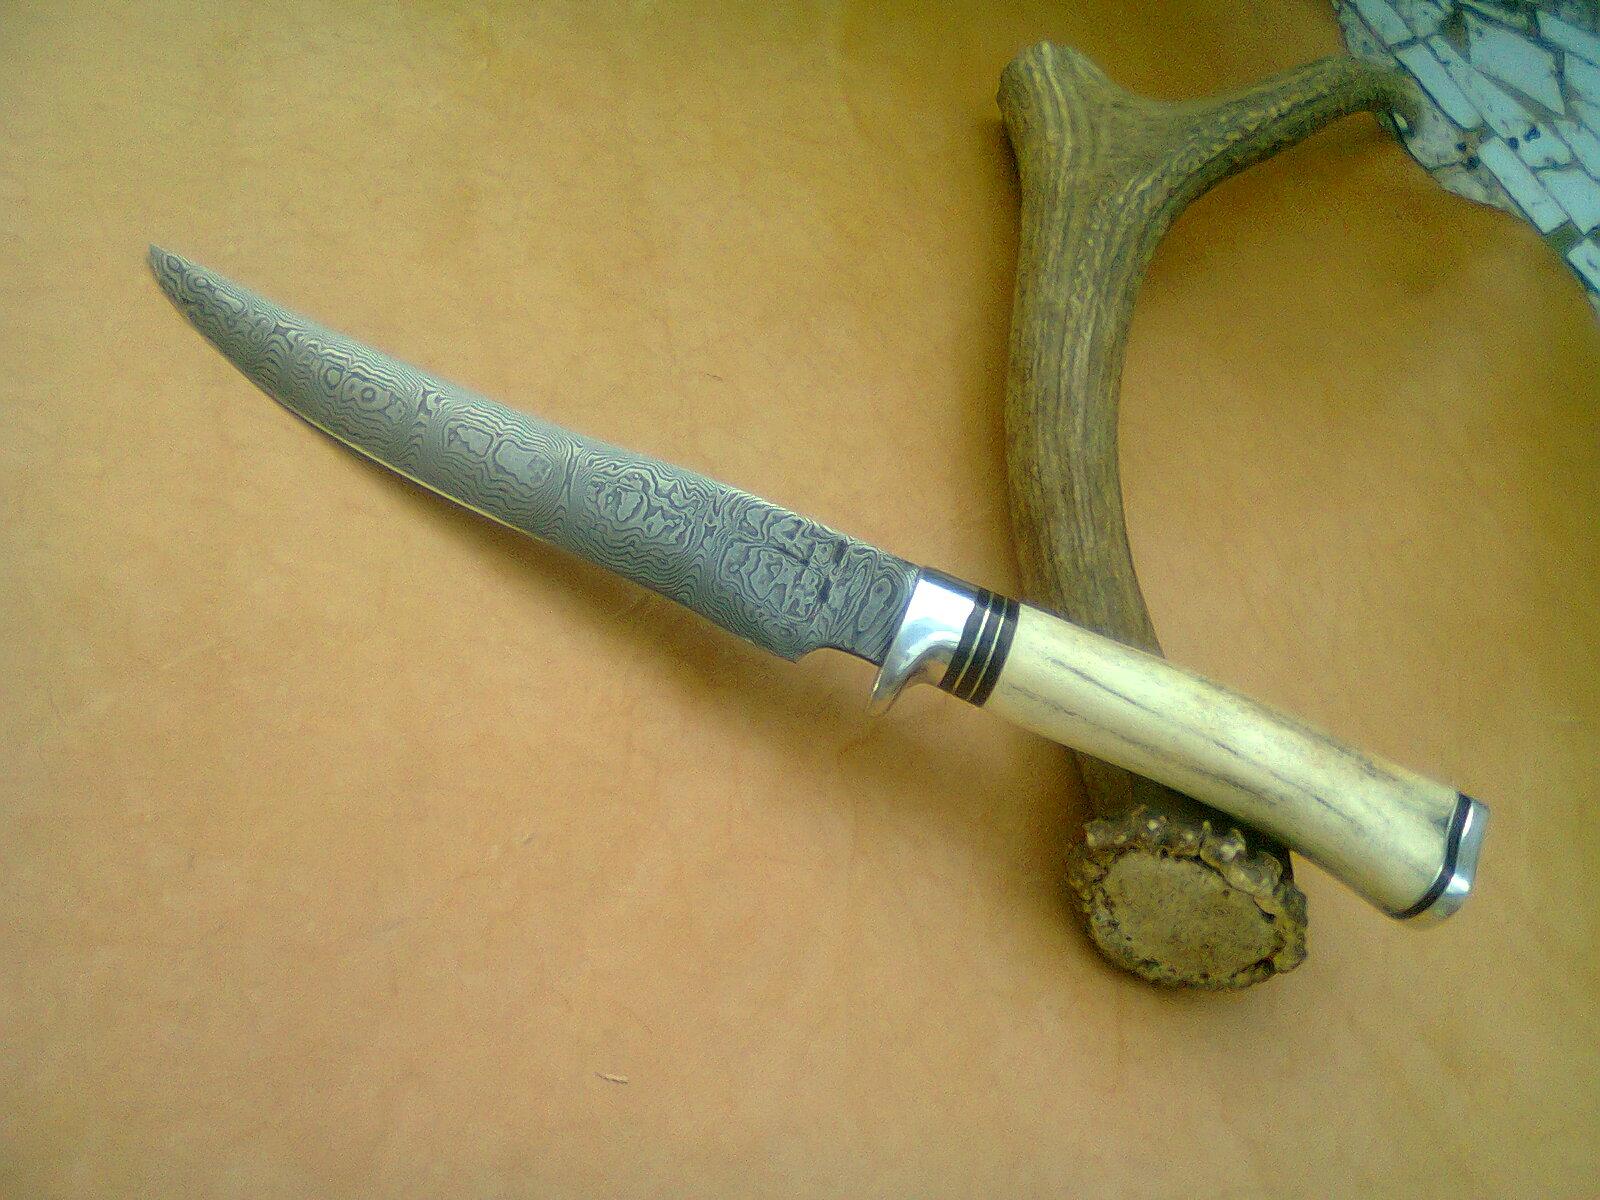 Cuchillos artesanales rdm de roberto de maria cuchillo tipo randall acero damasco rdm cuchillos - Cuchillo de cocina acero damasco ...